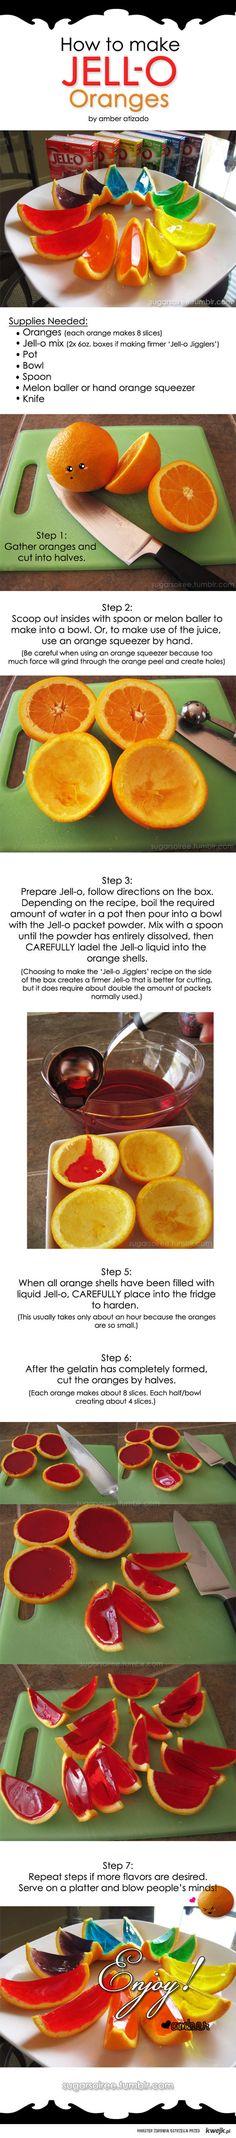 Jello oranges. [Replace 8-10oz cold water (using big box jello) w/ vodka if you want jello shots instead!]